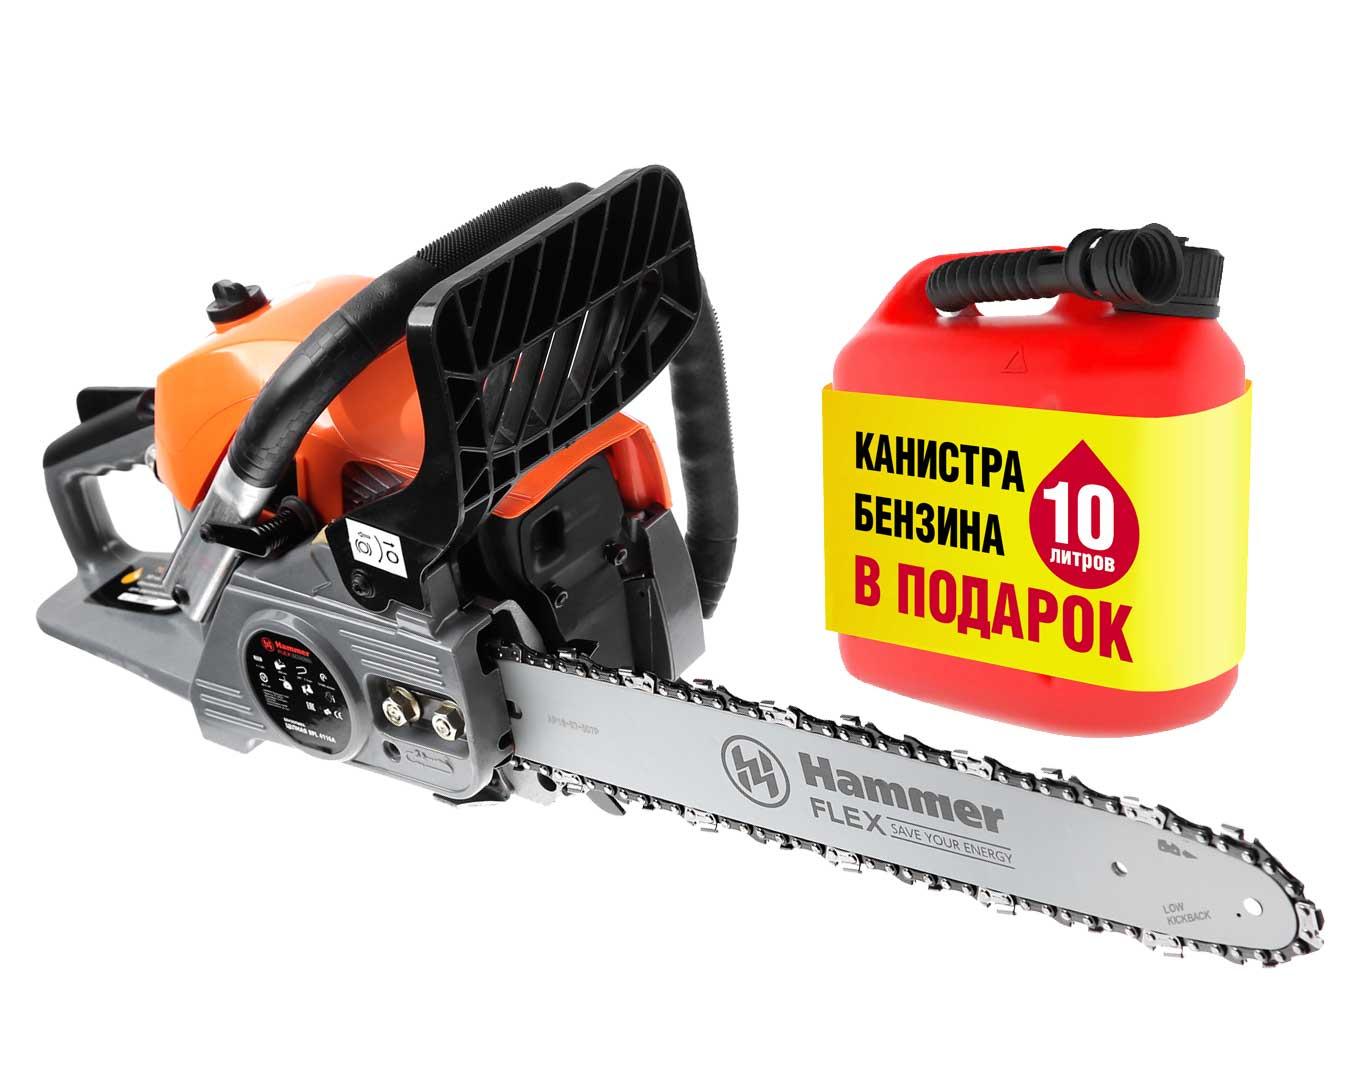 Топ-4 бензопилы хаммер (hammer) по качеству работы и простоте в уходе